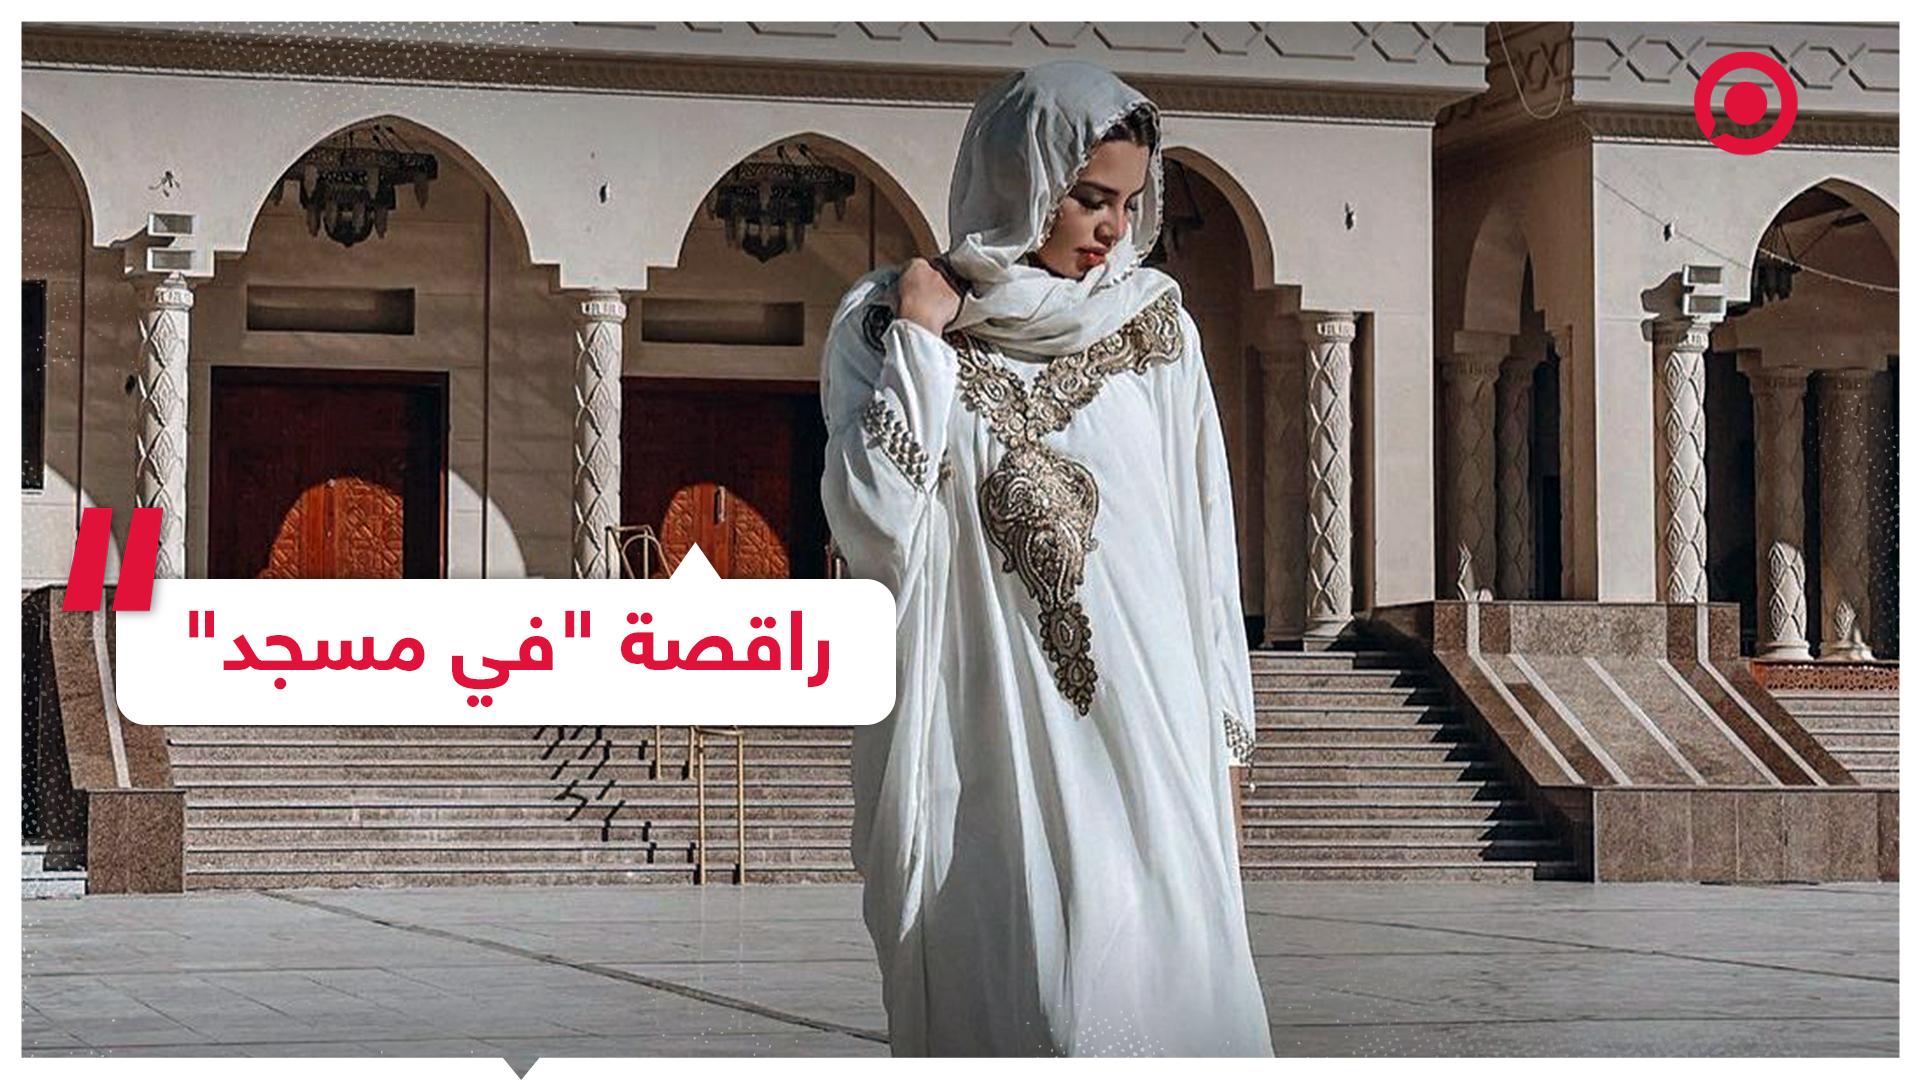 #مصر #راقصة #مسجد